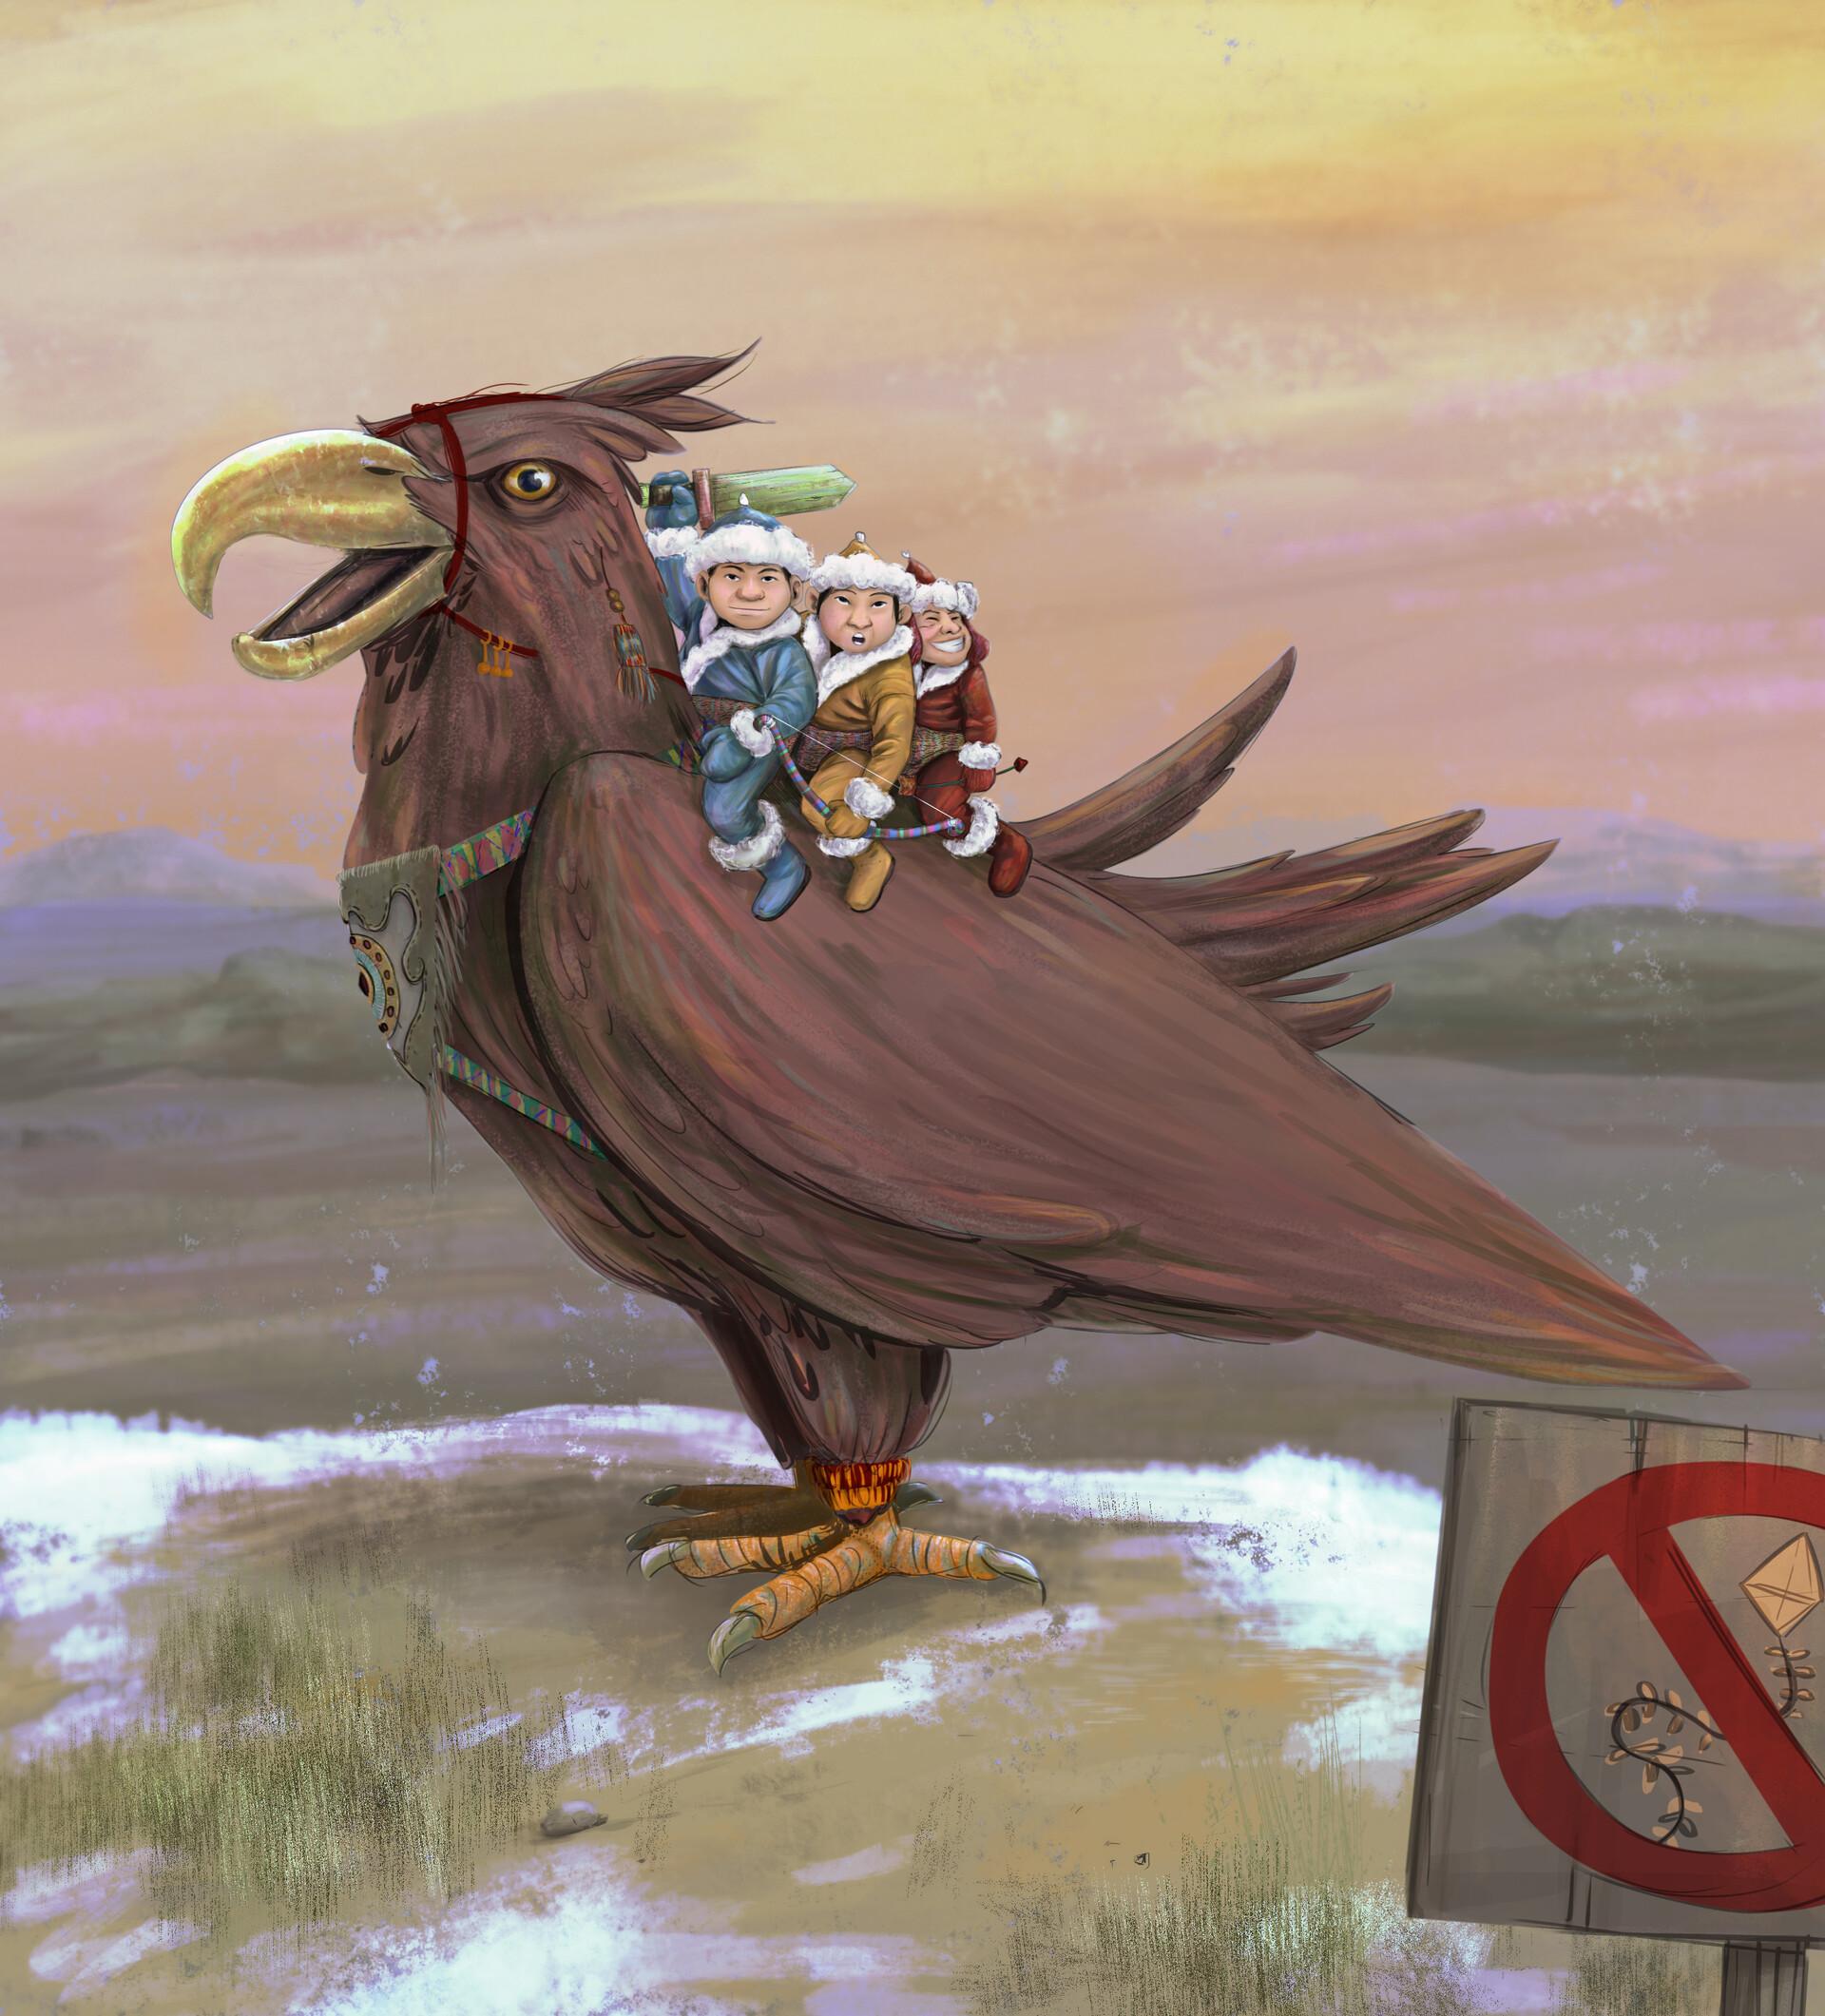 Italo gaspar curandeiro de aguias guerreiras copiar